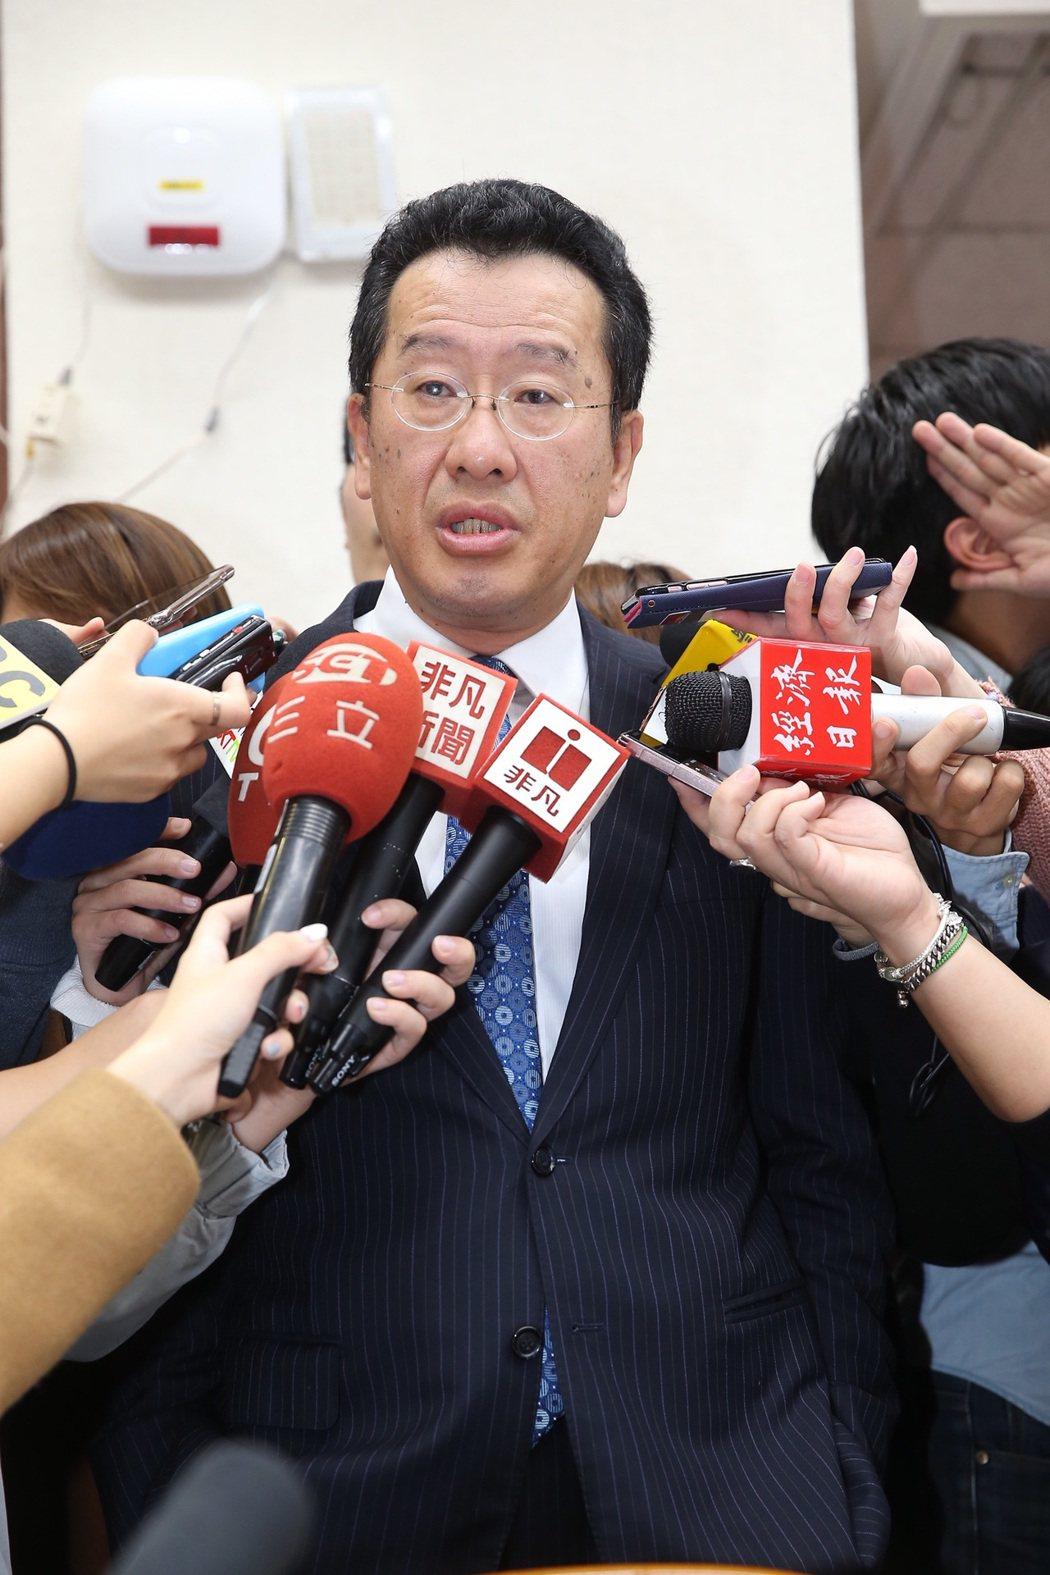 顧立雄:台灣將和已有沙盒機制國家洽簽金融科技MOU | 金融要聞 | 產經 | 聯合新聞網